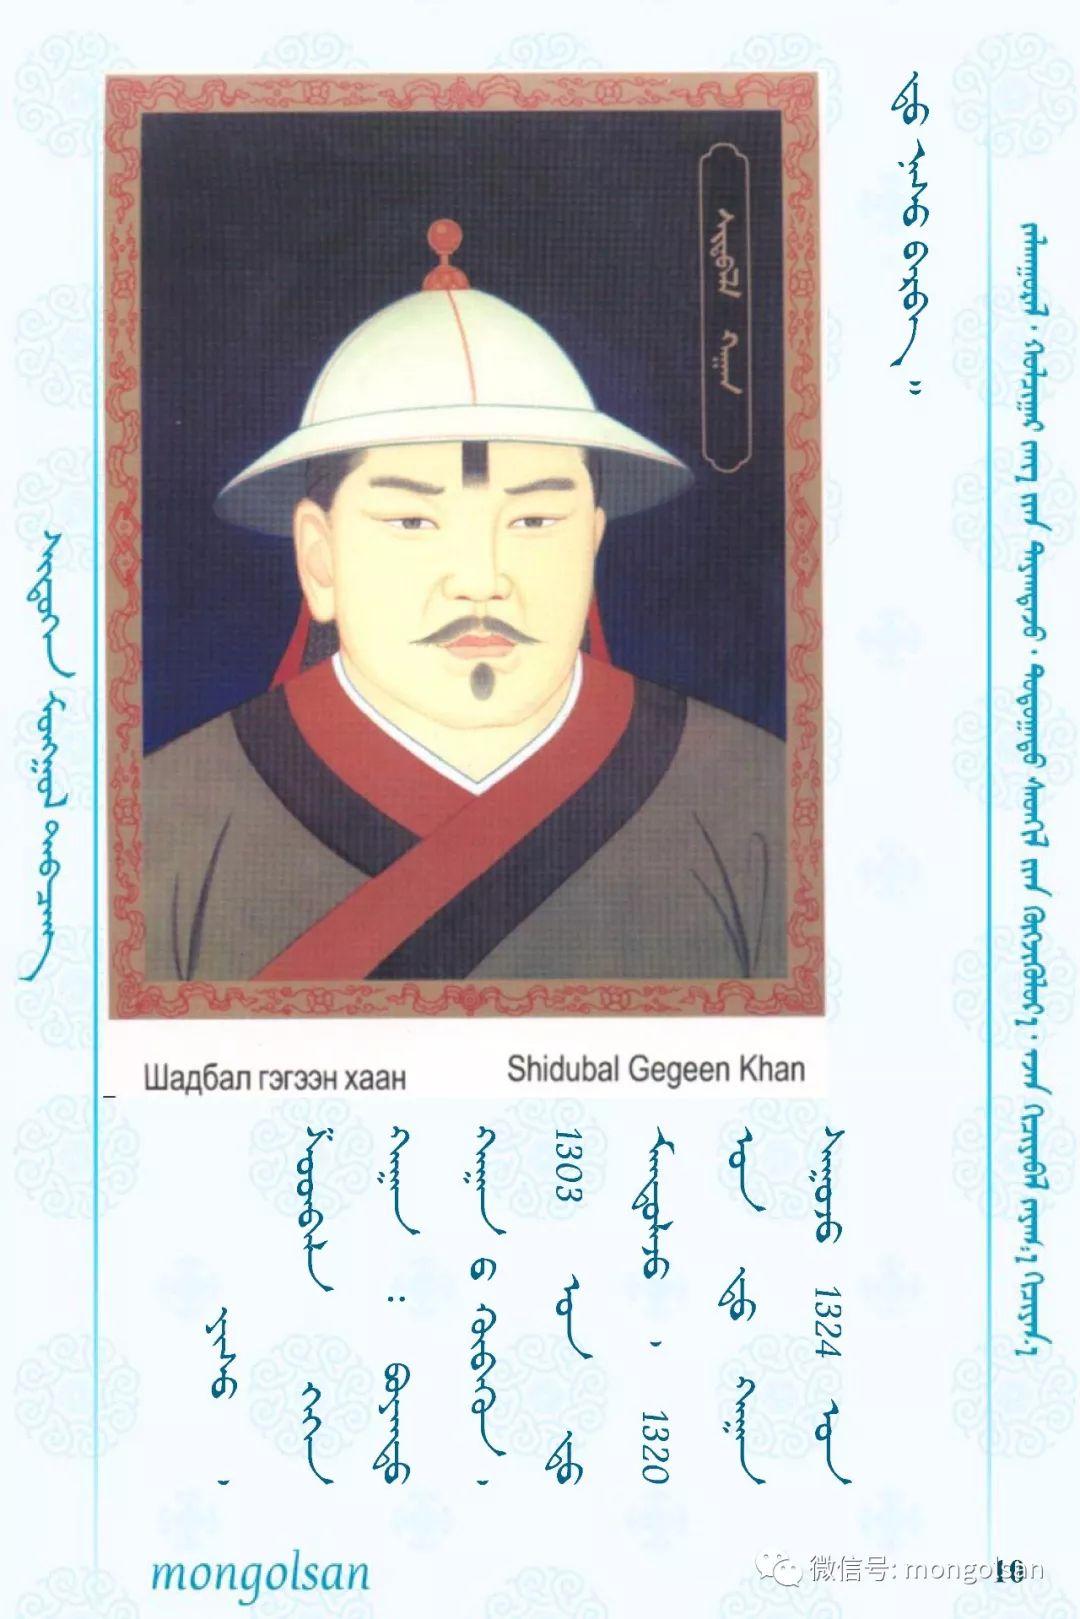 【关注】蒙古皇帝列表 第10张